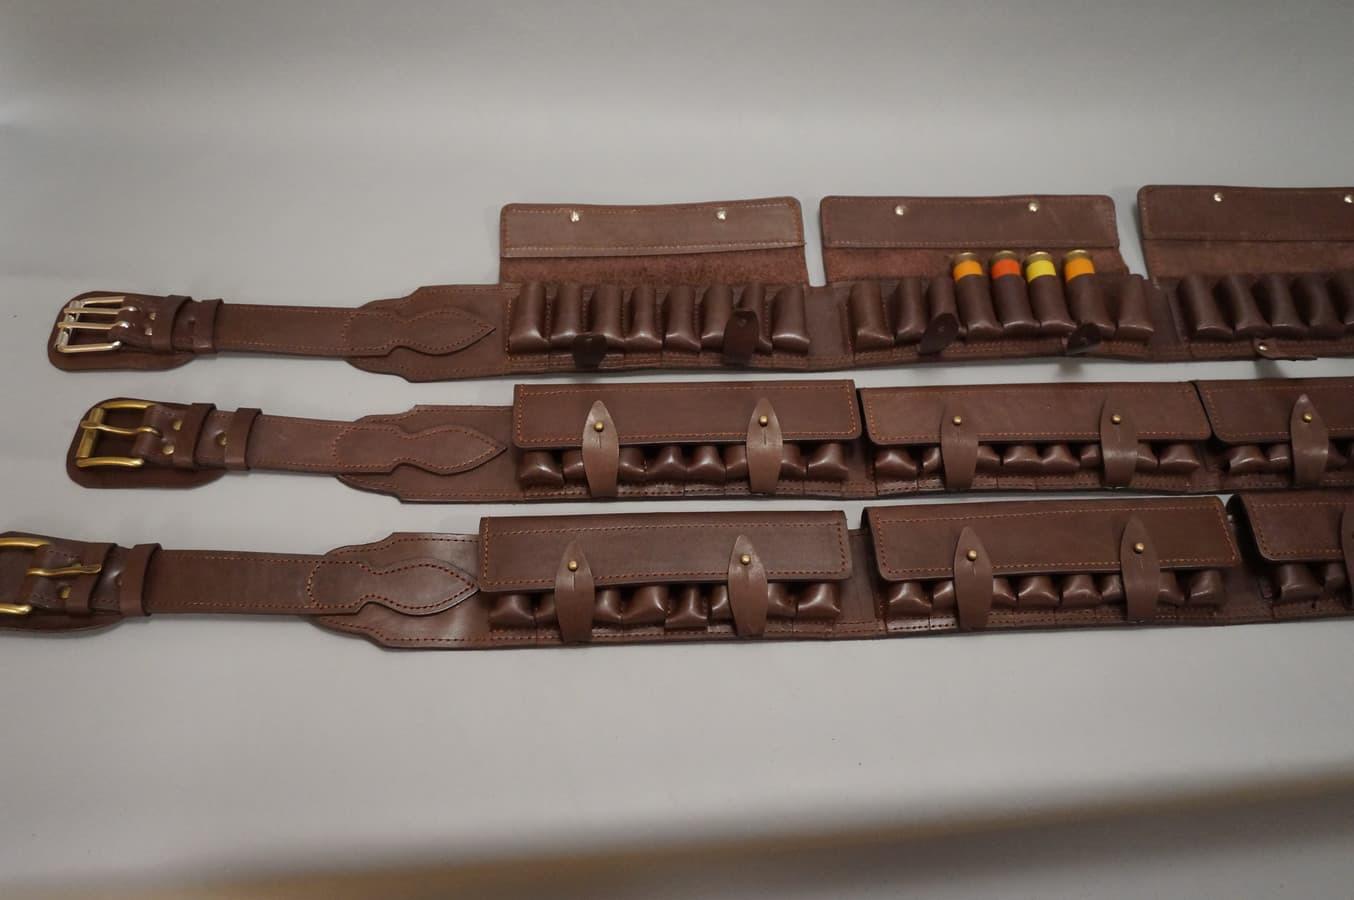 Šovininė diržas 24 šoviniai gali būti uždaro ir atviro tipo,su dirželiu ant kaklo  ir be jo pagaminta iš natūralios odos